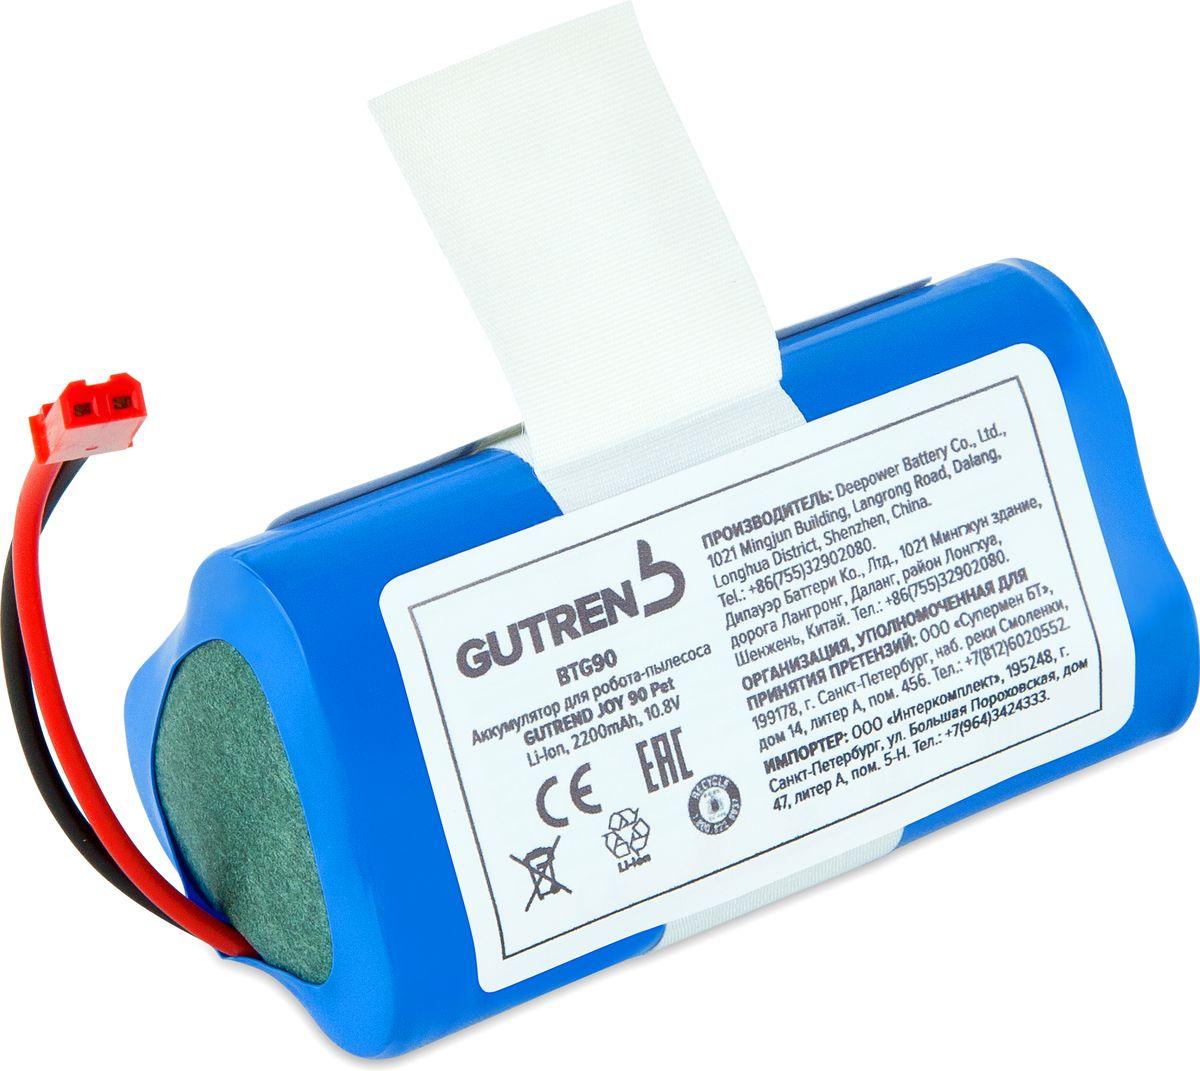 Gutrend BTG90 аккумуляторная батарея для Joy 90 Pet аккумуляторная батарея anybatt 11 1403 2200 мач